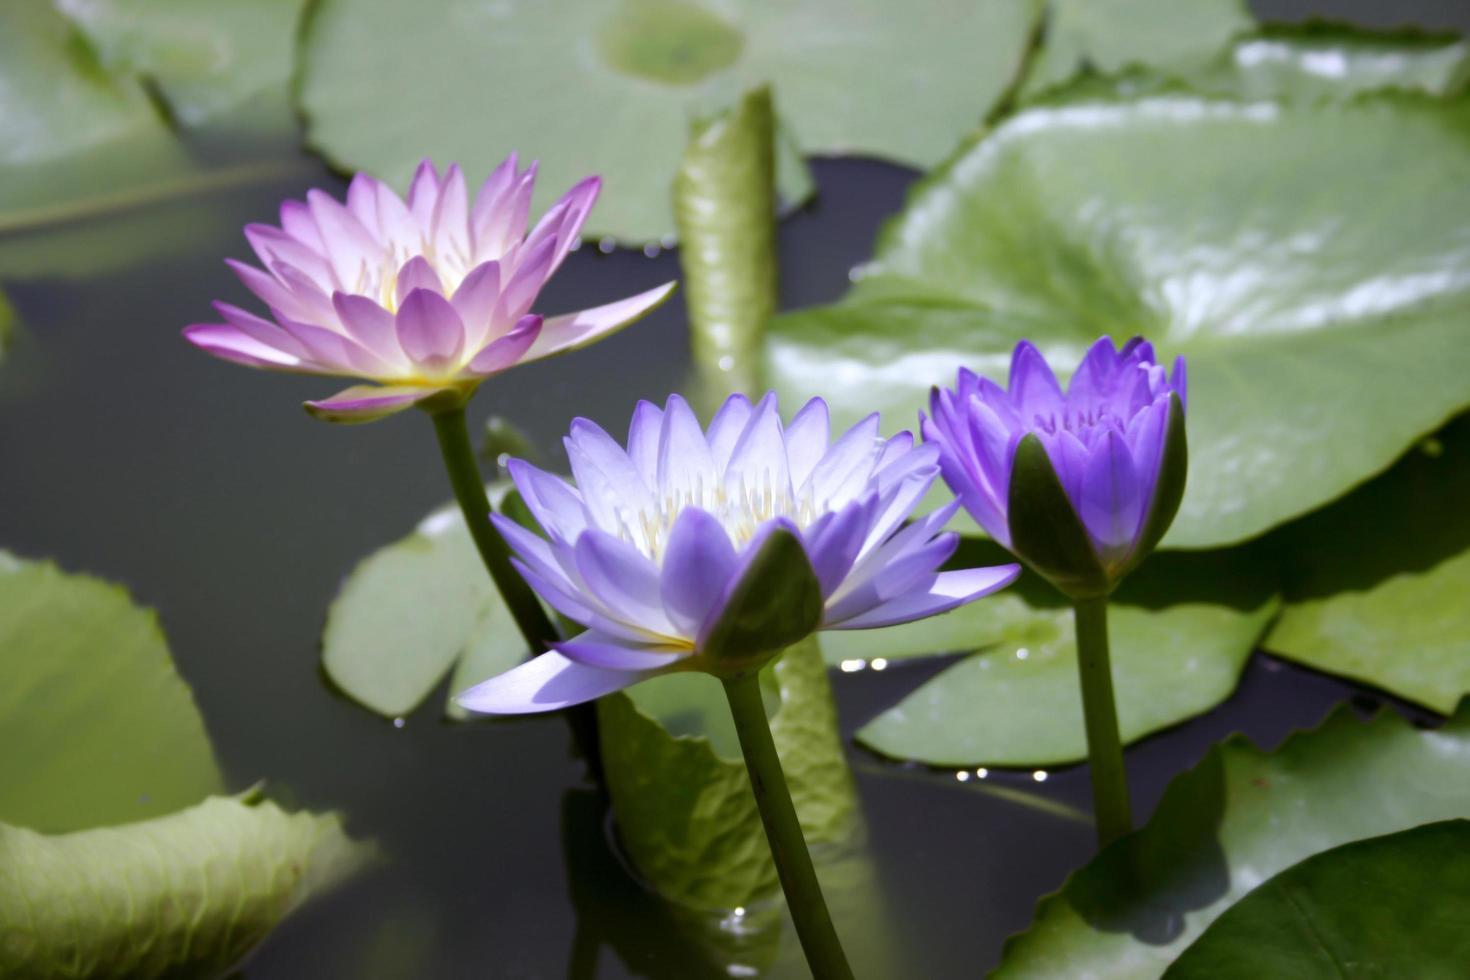 trois fleurs de lotus dans un étang photo